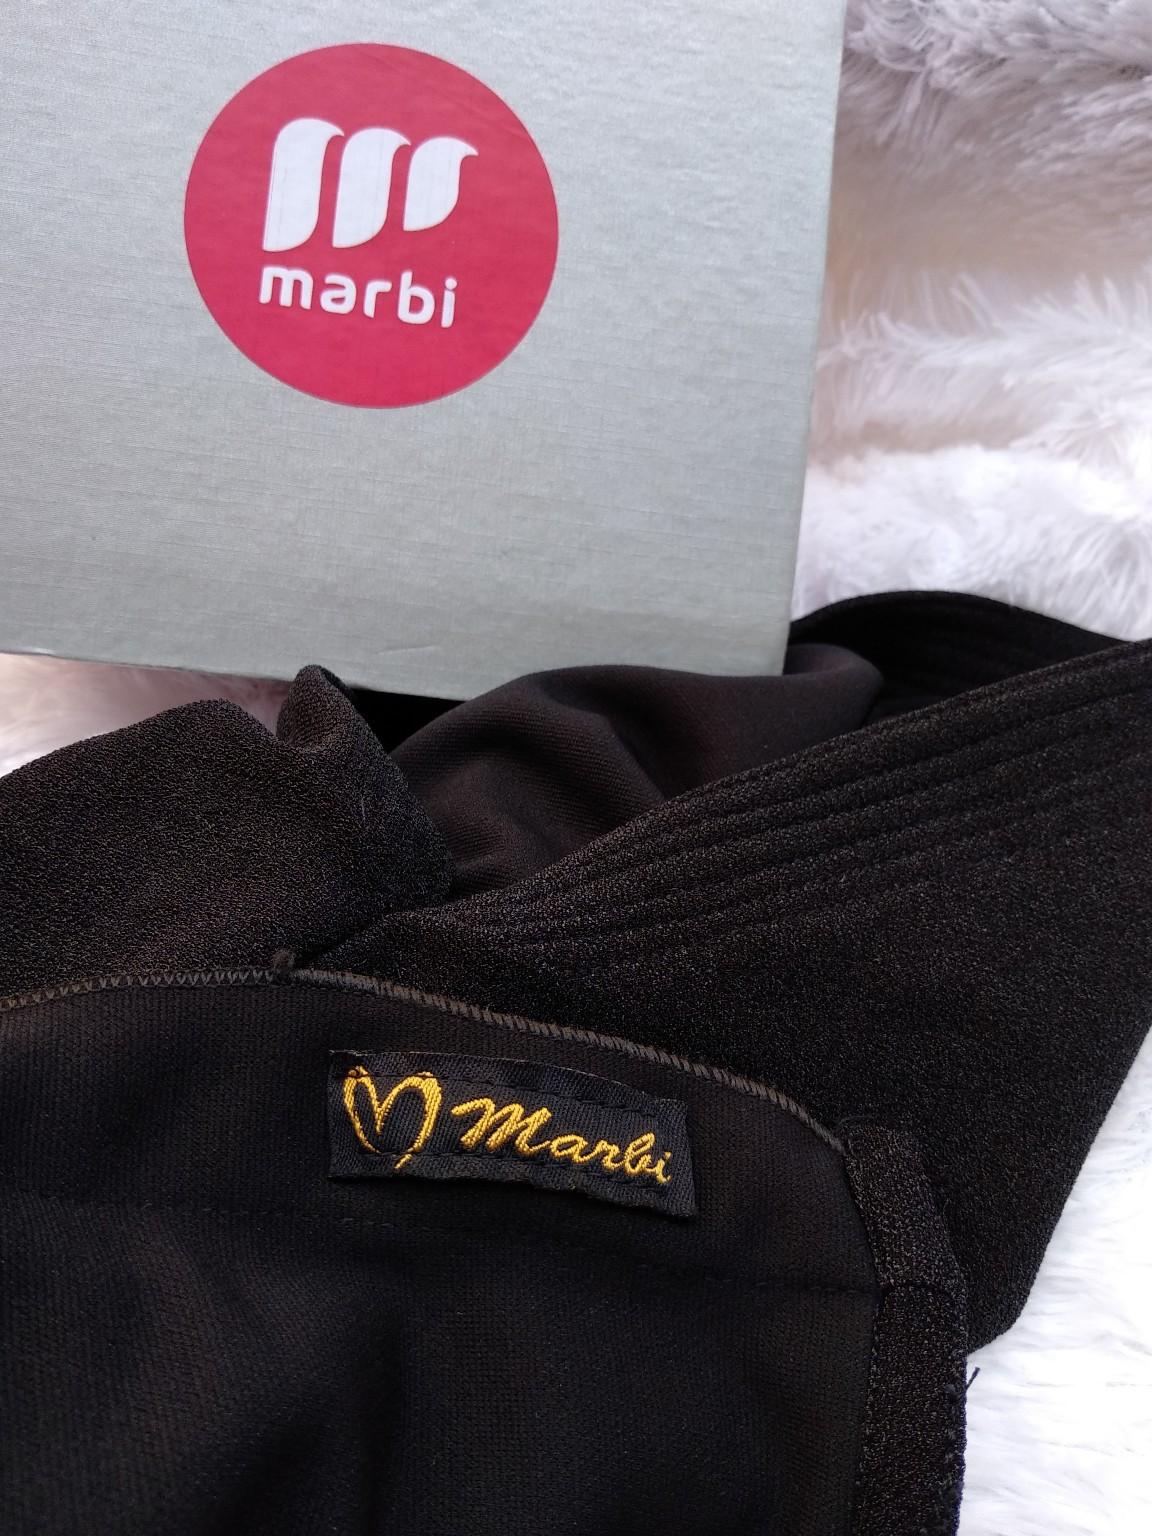 hijab marbi